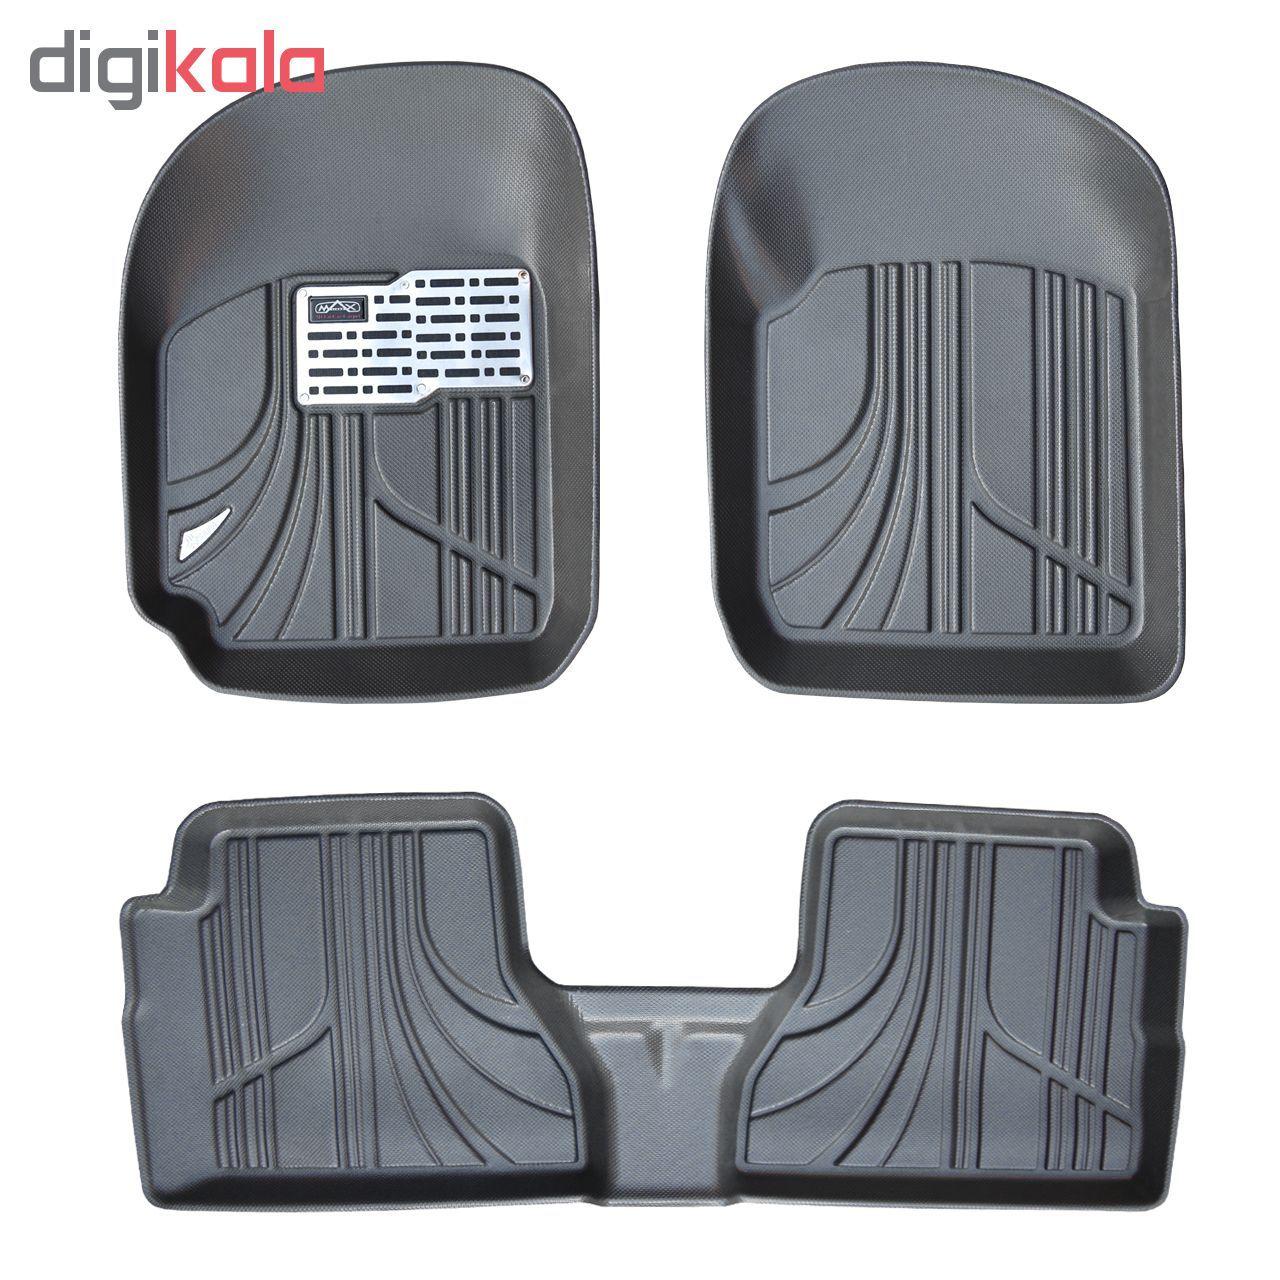 کفپوش سه بعدی خودرو مکس مدل K001 مناسب برای پراید صبا main 1 1